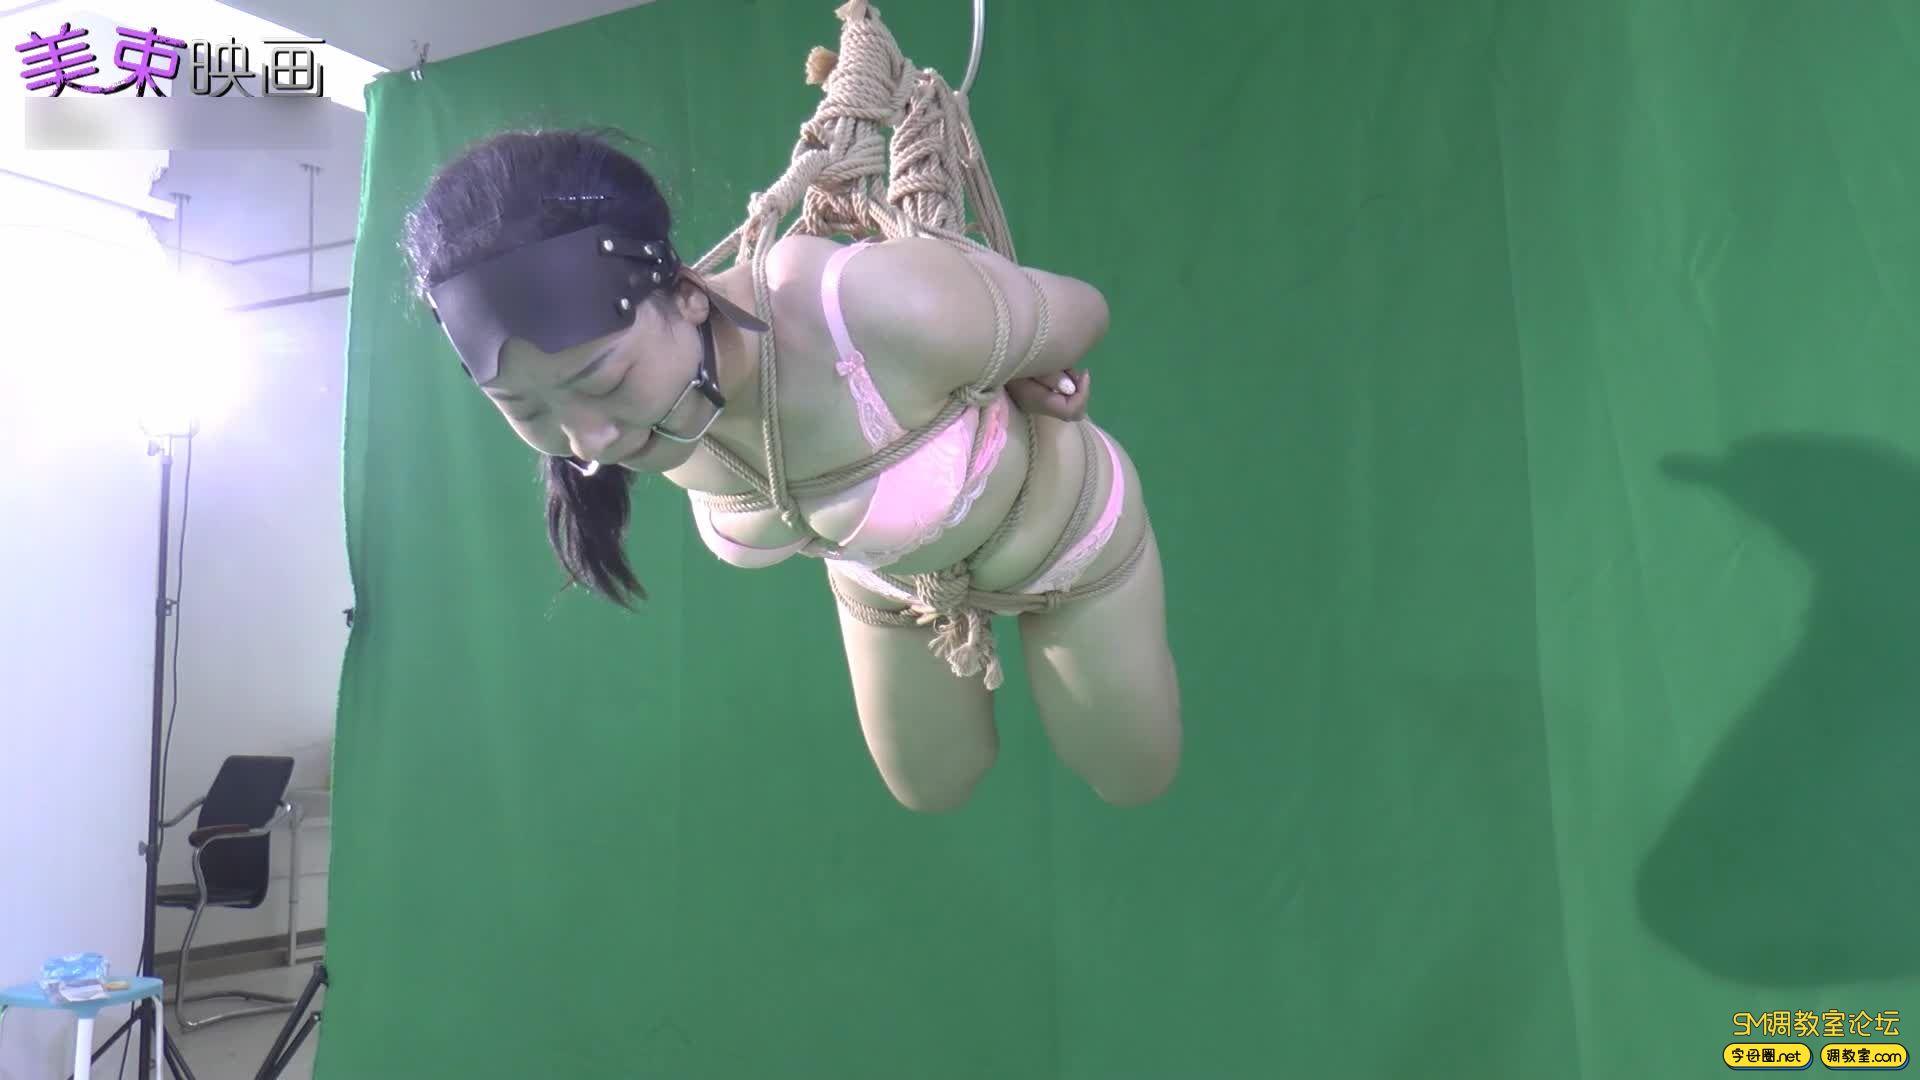 美束映画_00后嫩模再试绳艺  小萝莉的内衣吊缚 欧式驷马-视频截图3